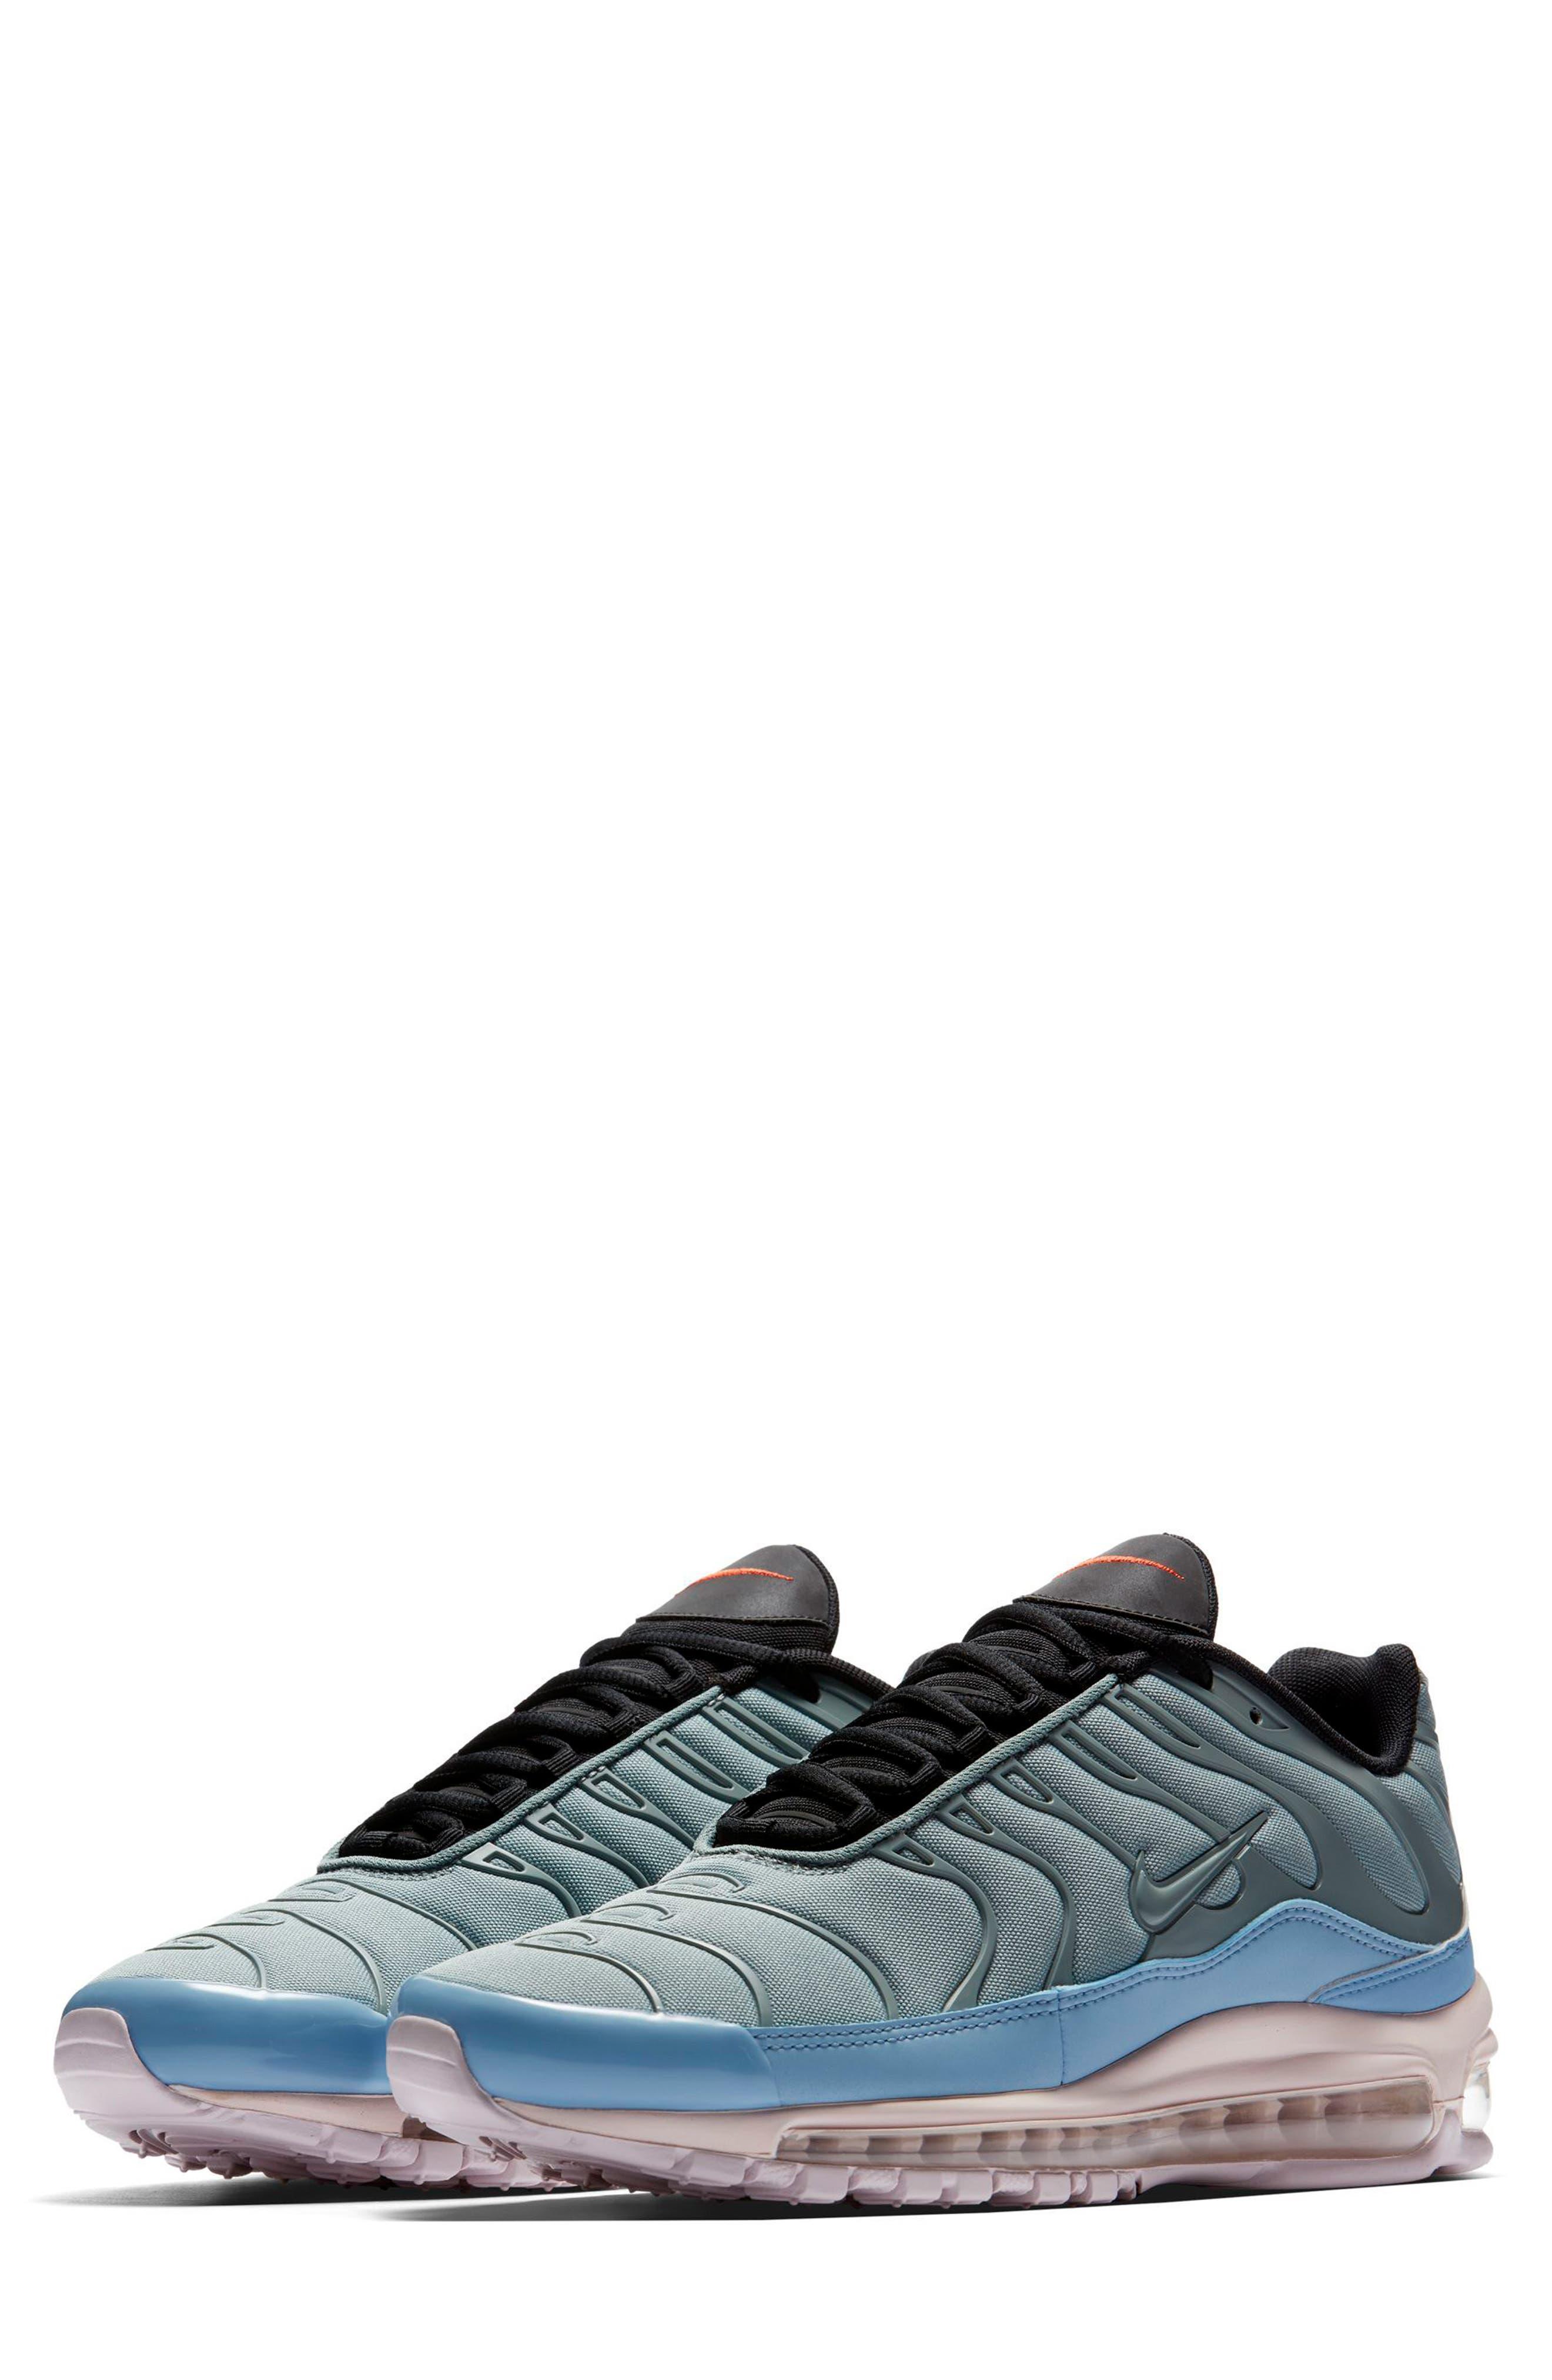 Air Max 97 Plus Sneaker,                         Main,                         color, 300